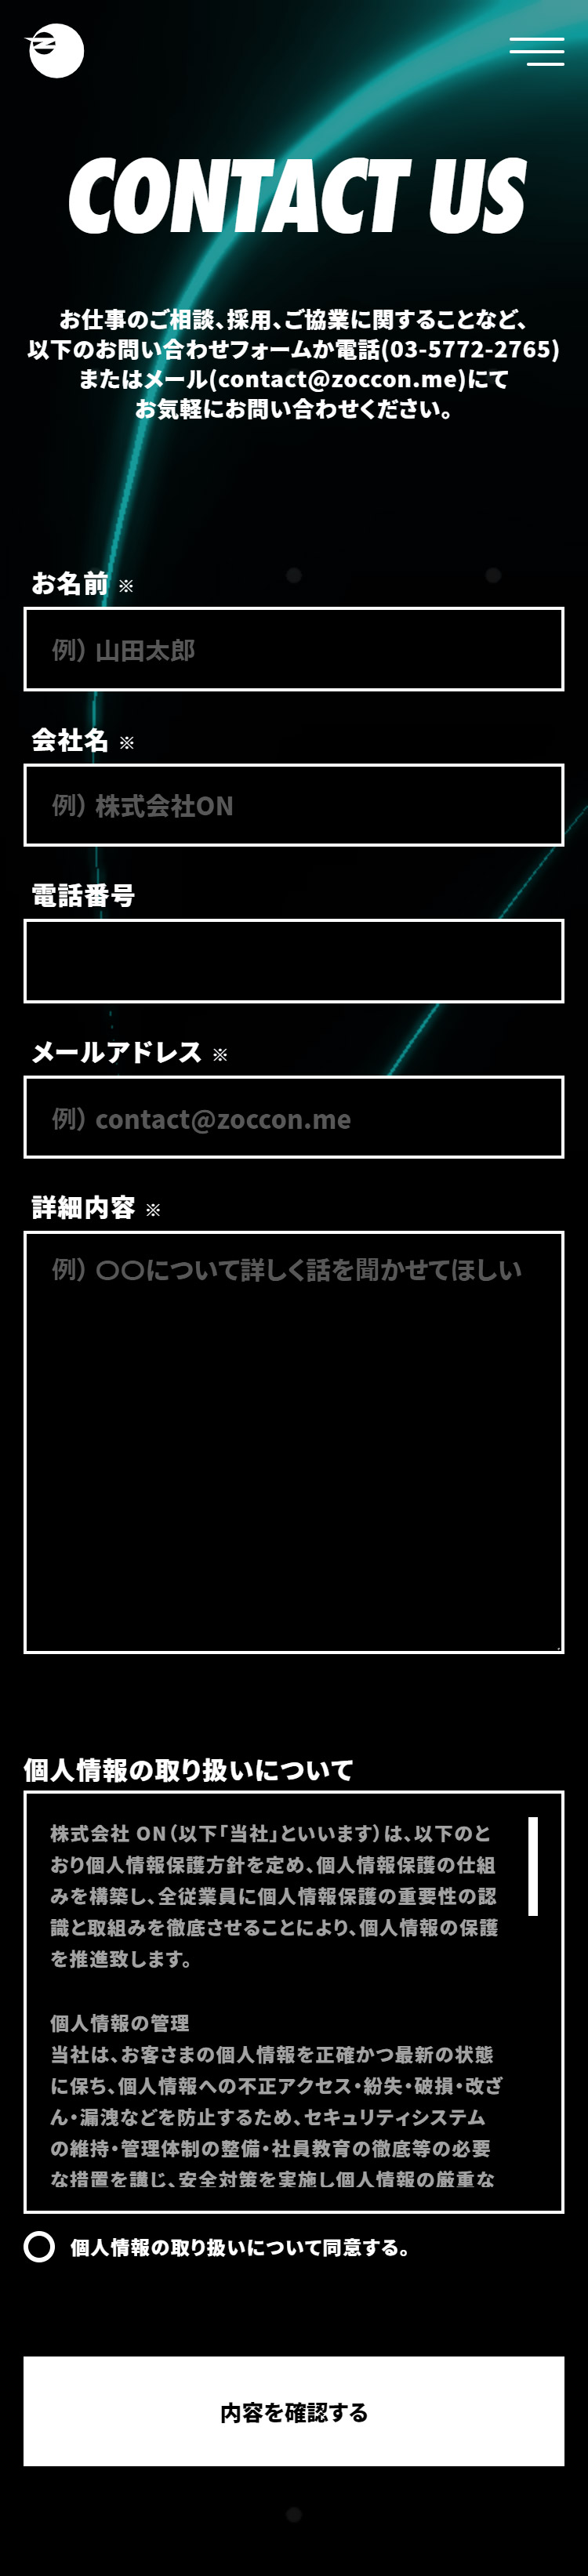 株式会社ON CONTACT